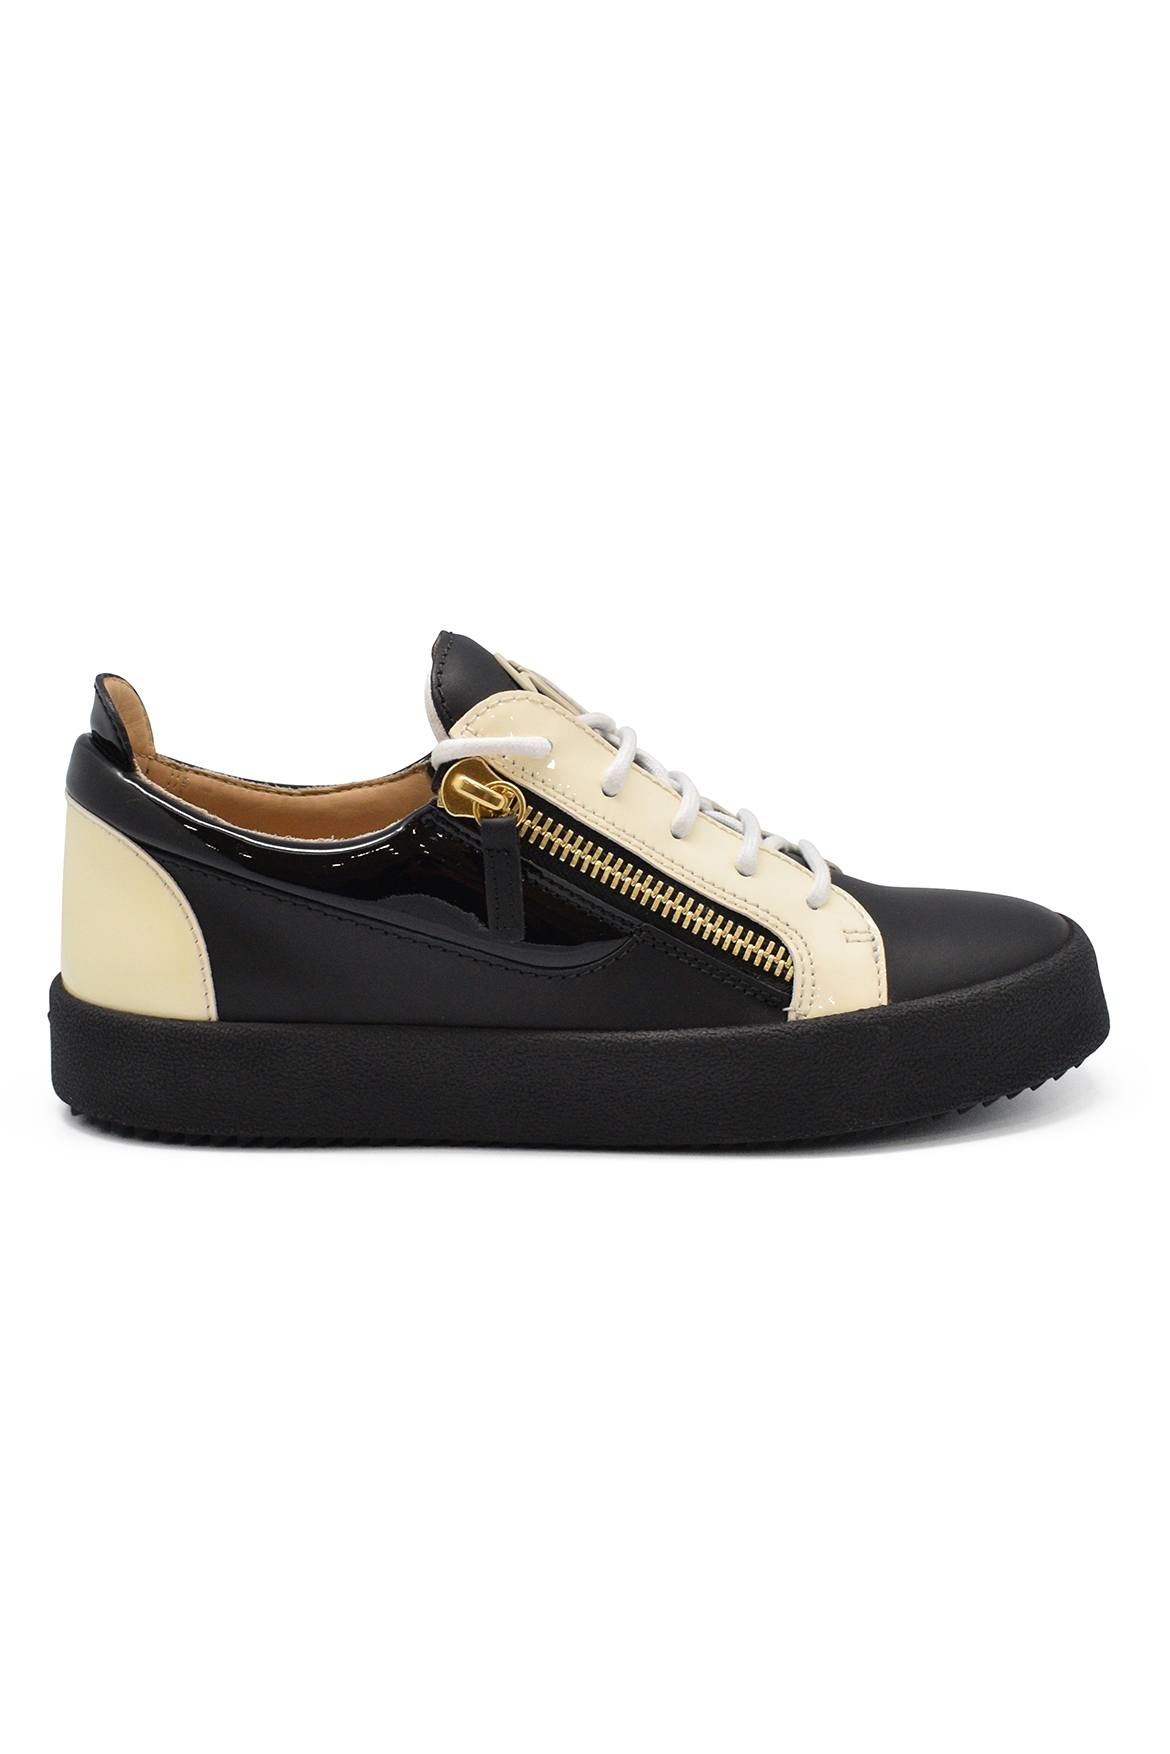 Sneakers Frankie - Giuseppe Zanotti - Modalova